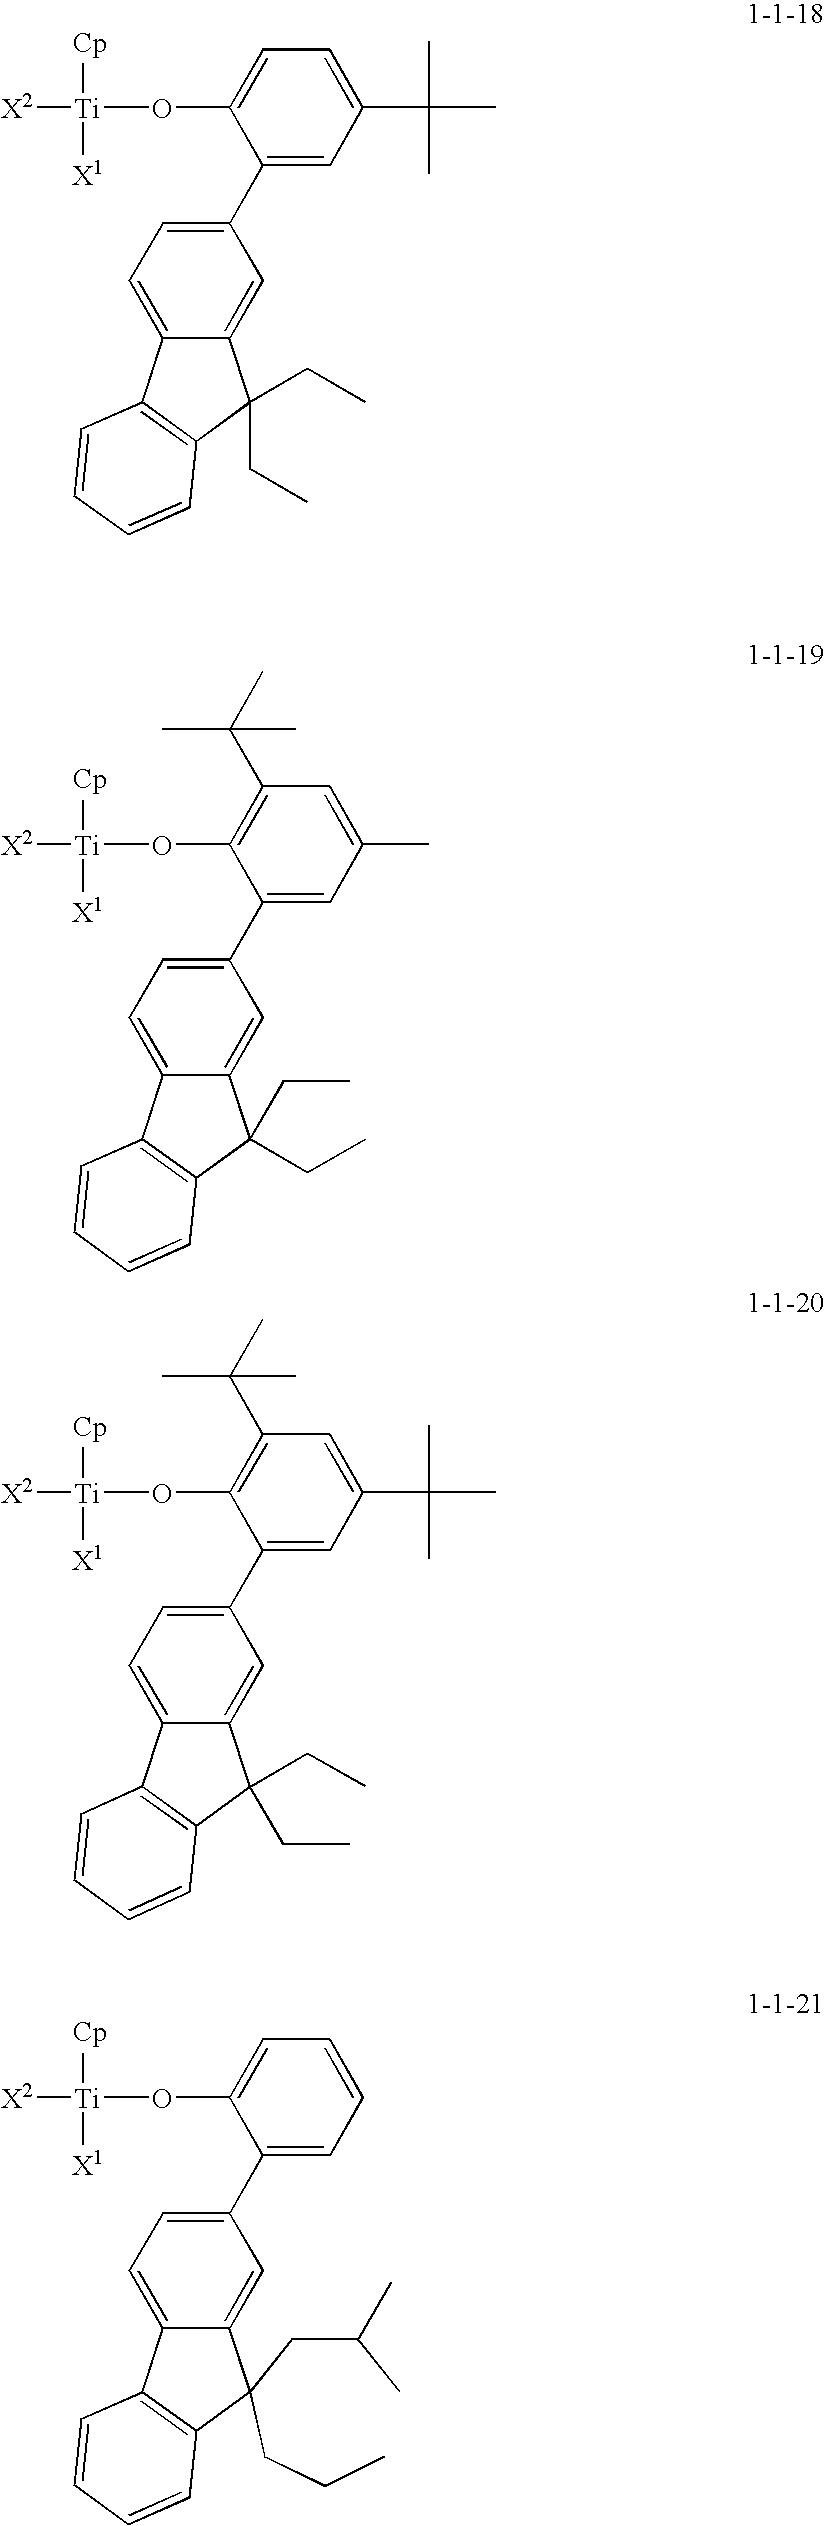 Figure US20100081776A1-20100401-C00074